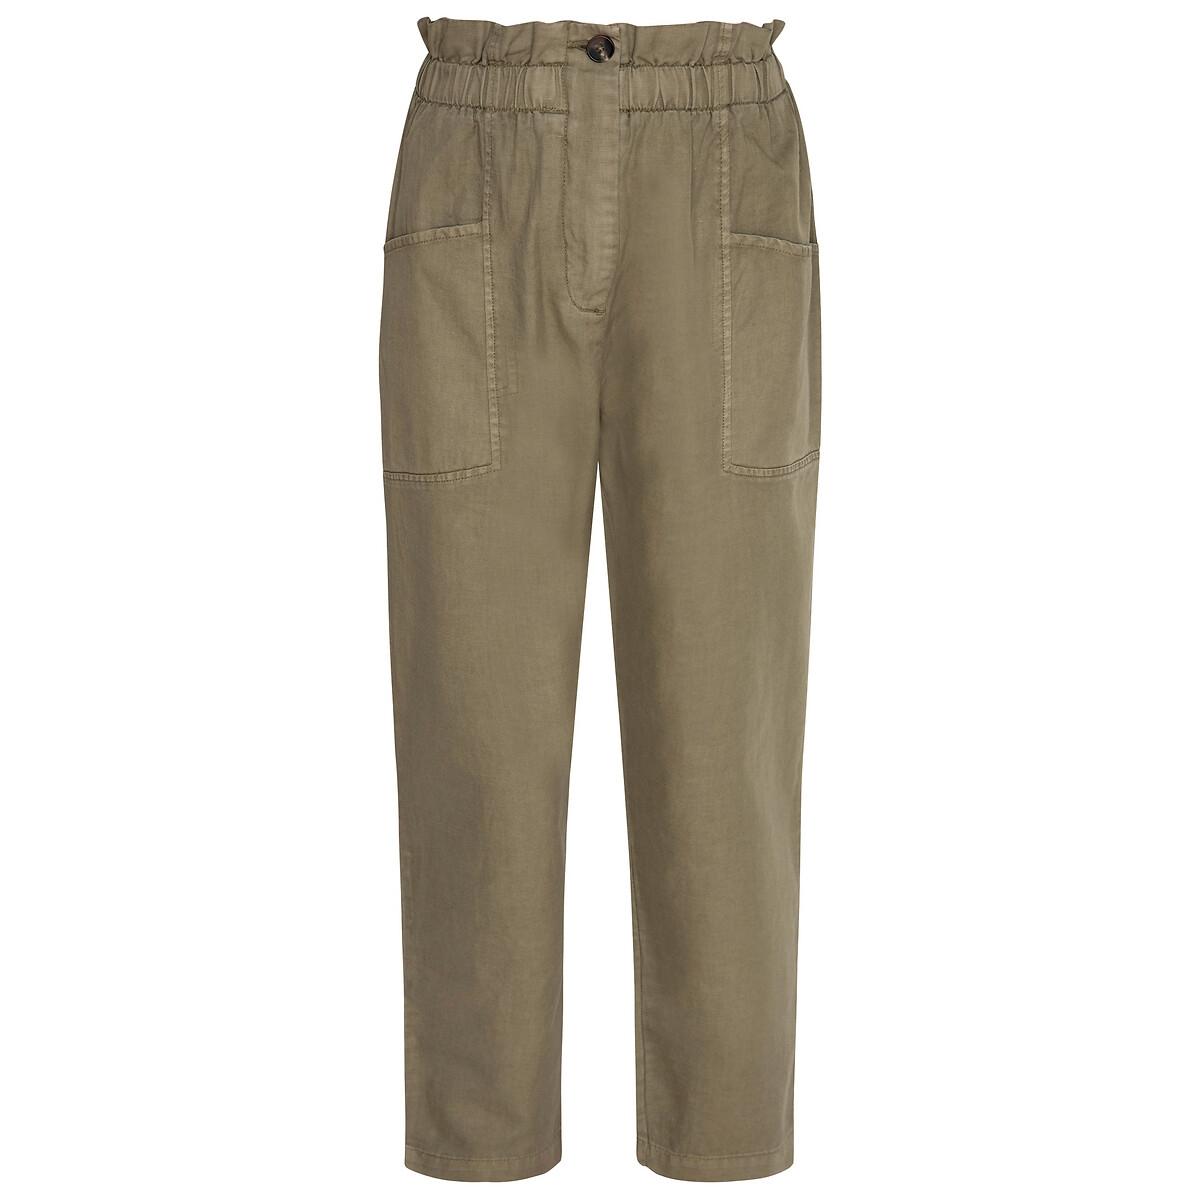 Pantalón ancho, talle alto